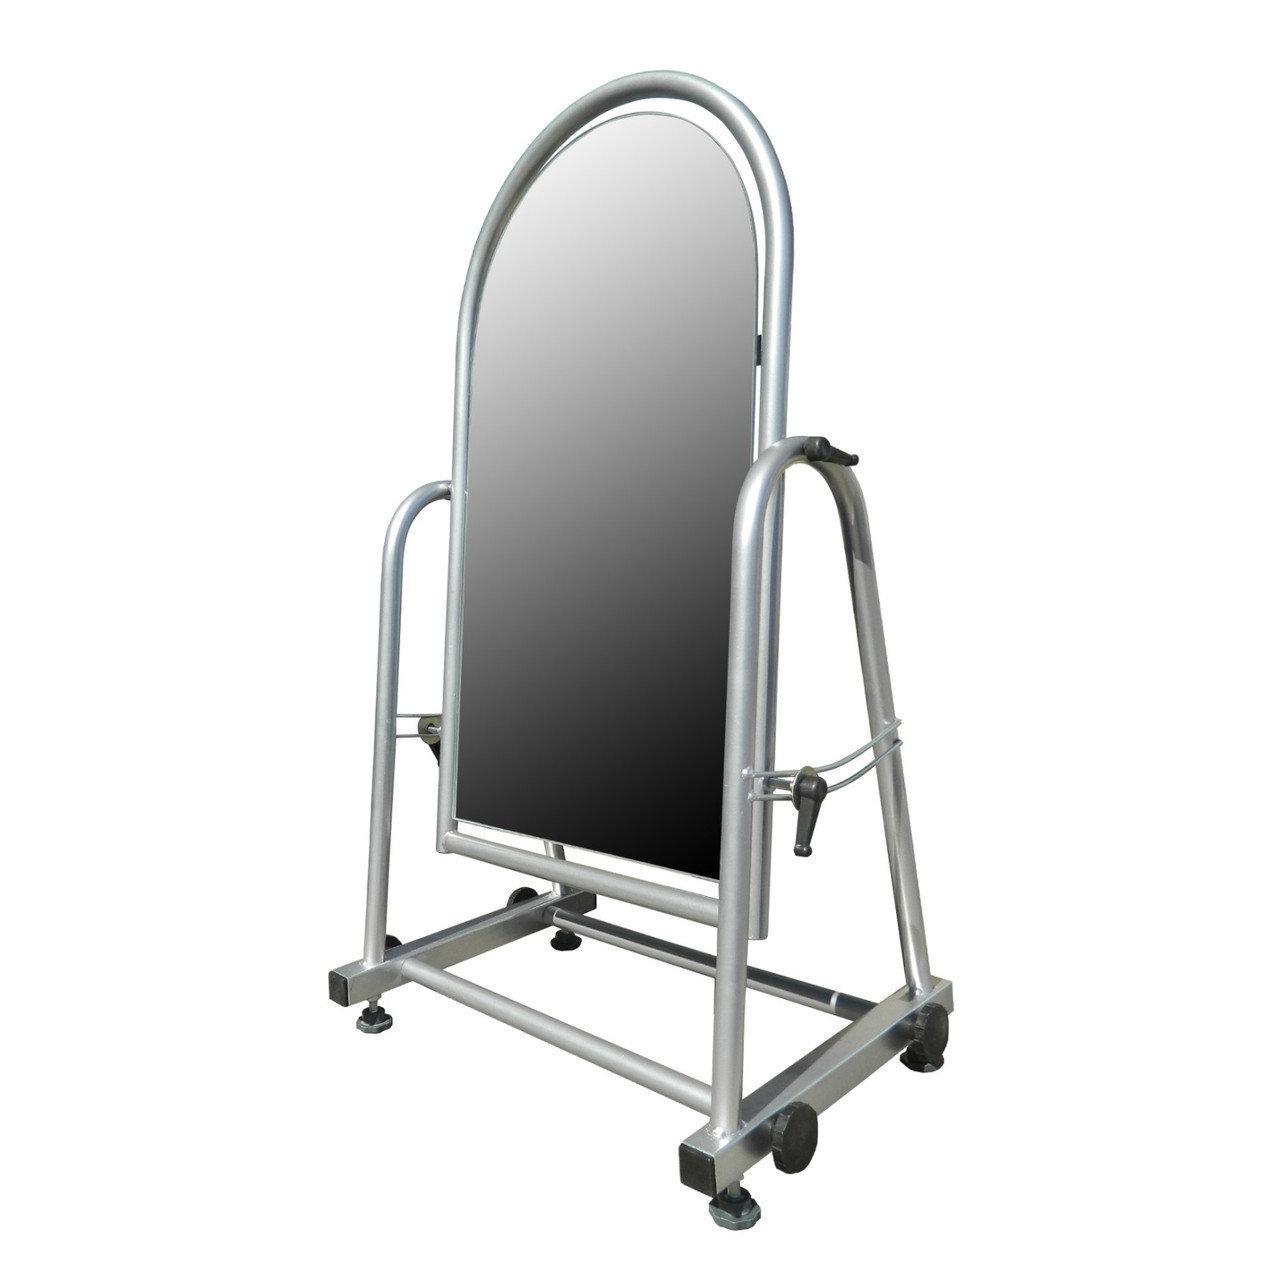 Торговое напольное зеркало для обуви серого цвета